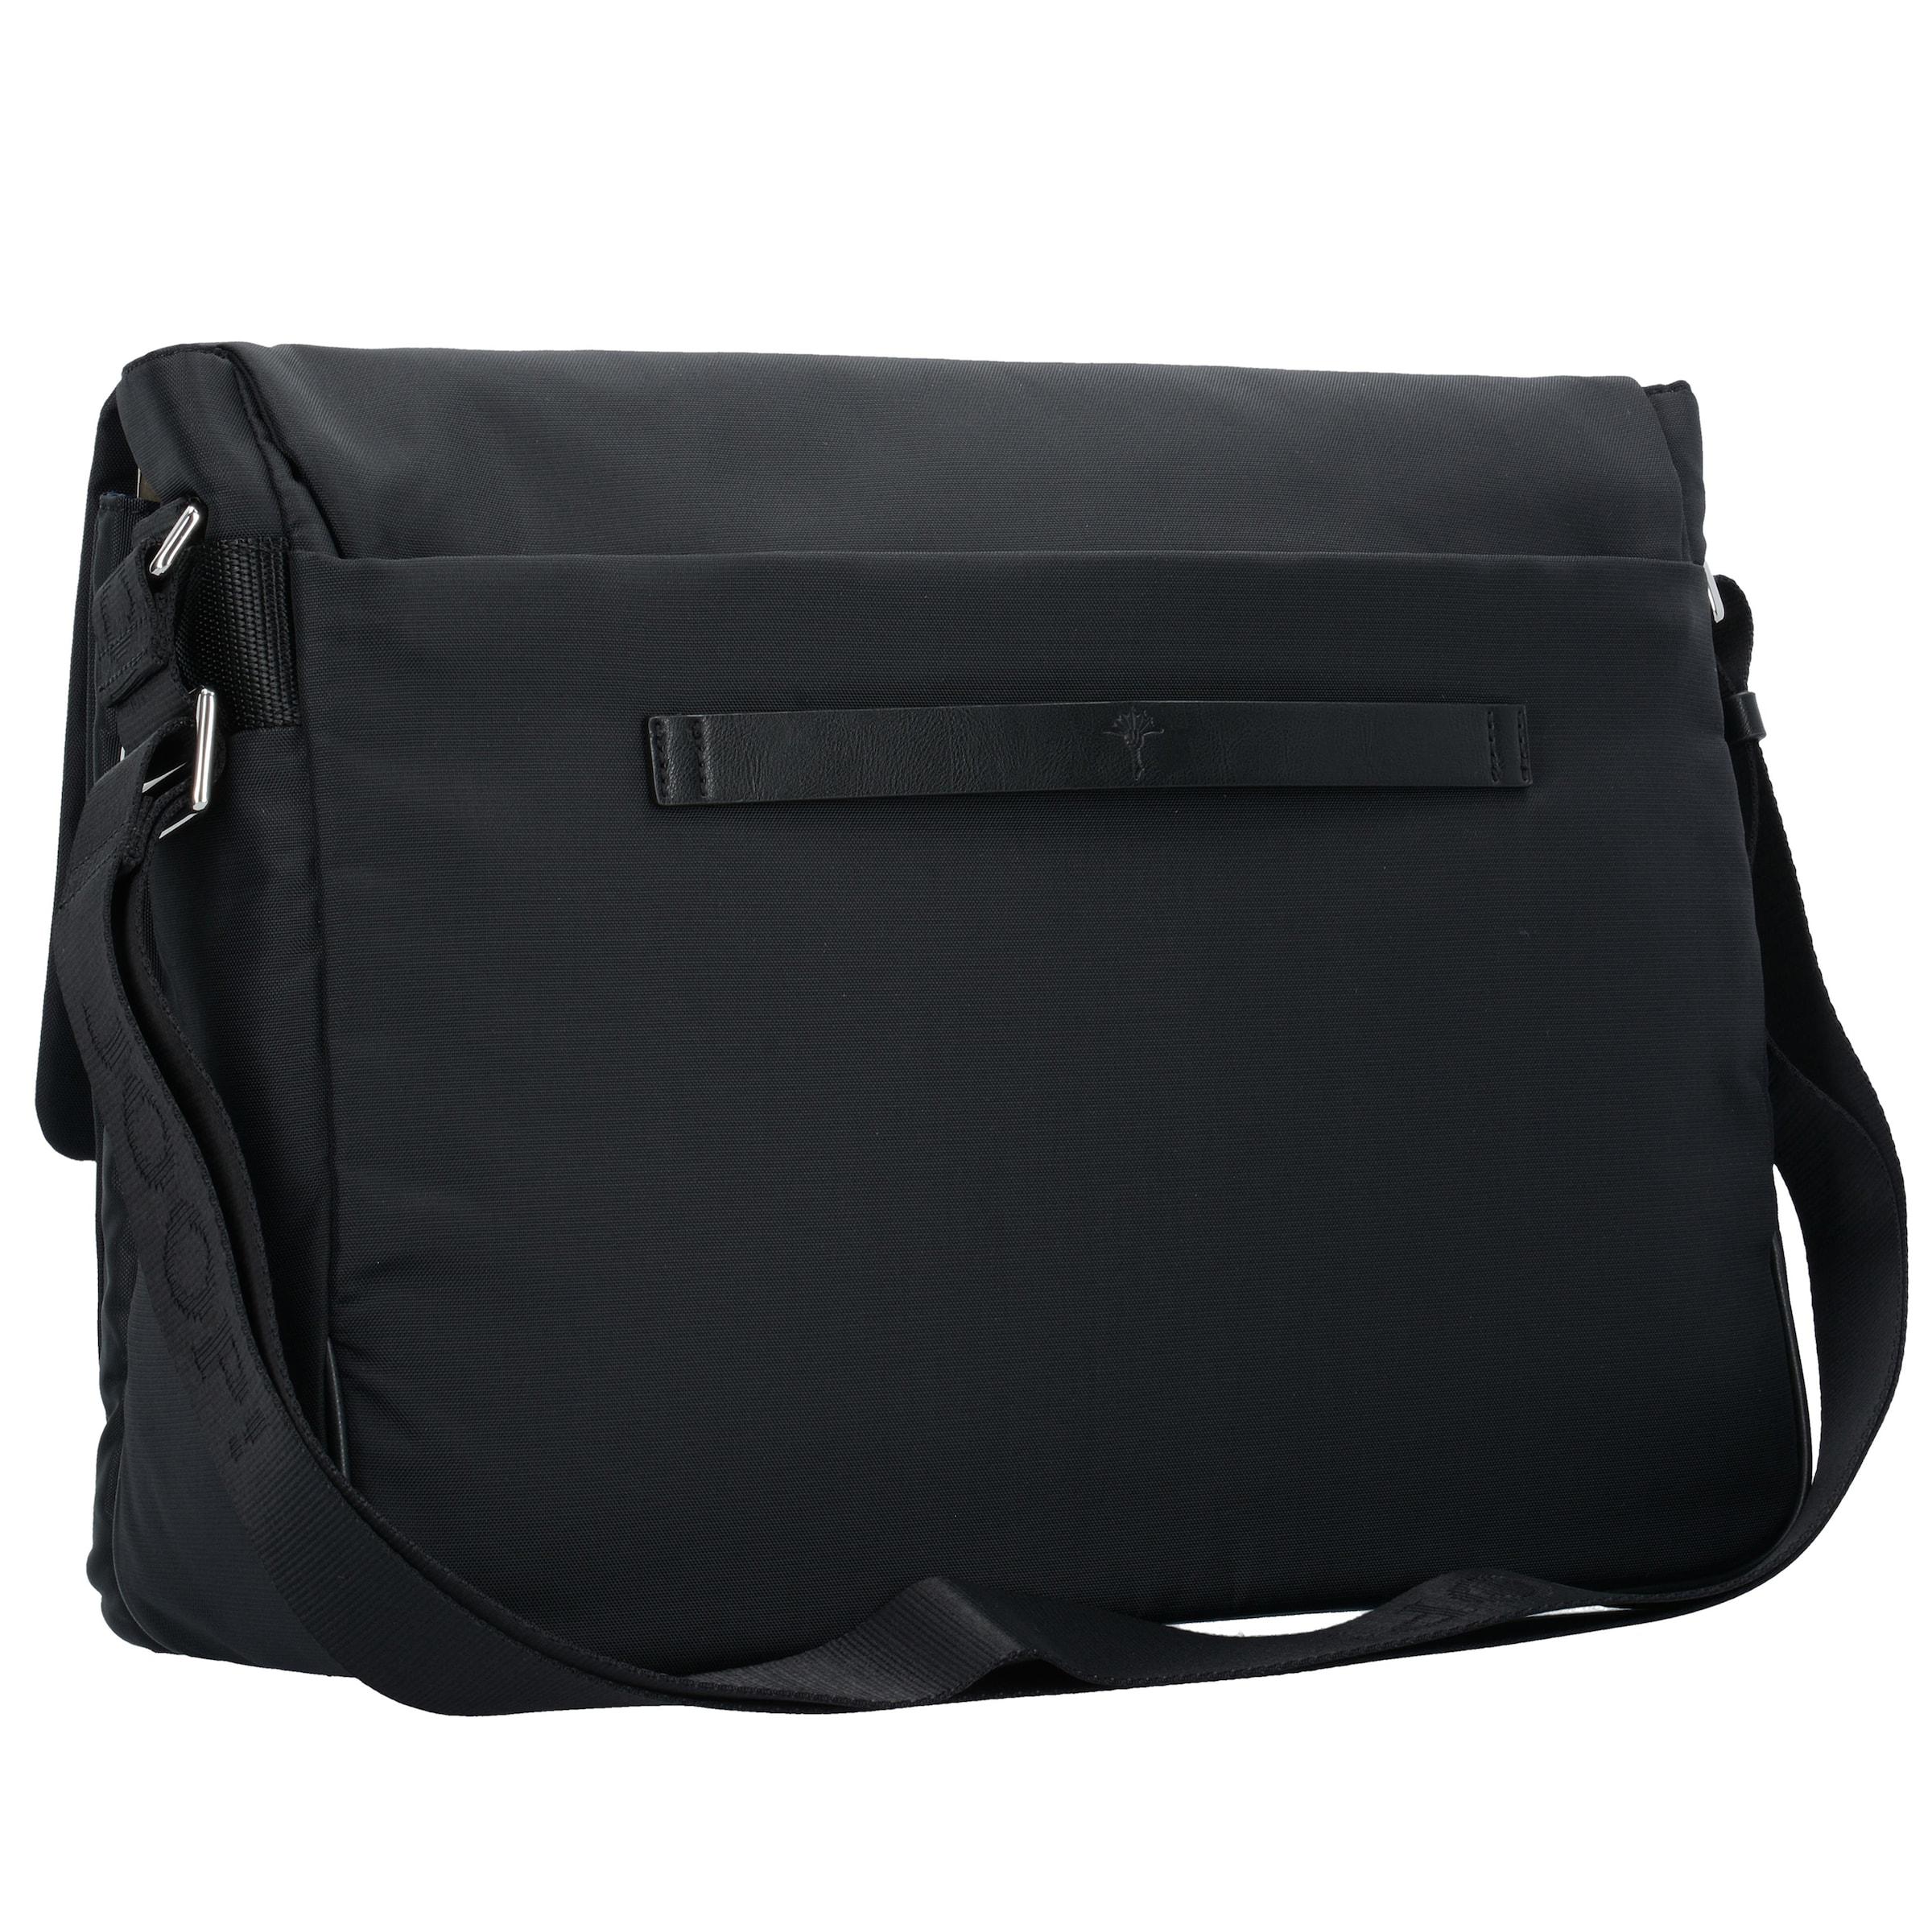 Billige Websites JOOP! Messenger Businesstasche 'Kimon Naviga' Spielraum Echt Empfehlen Erstaunlicher Preis Großer Verkauf 9x1Fj